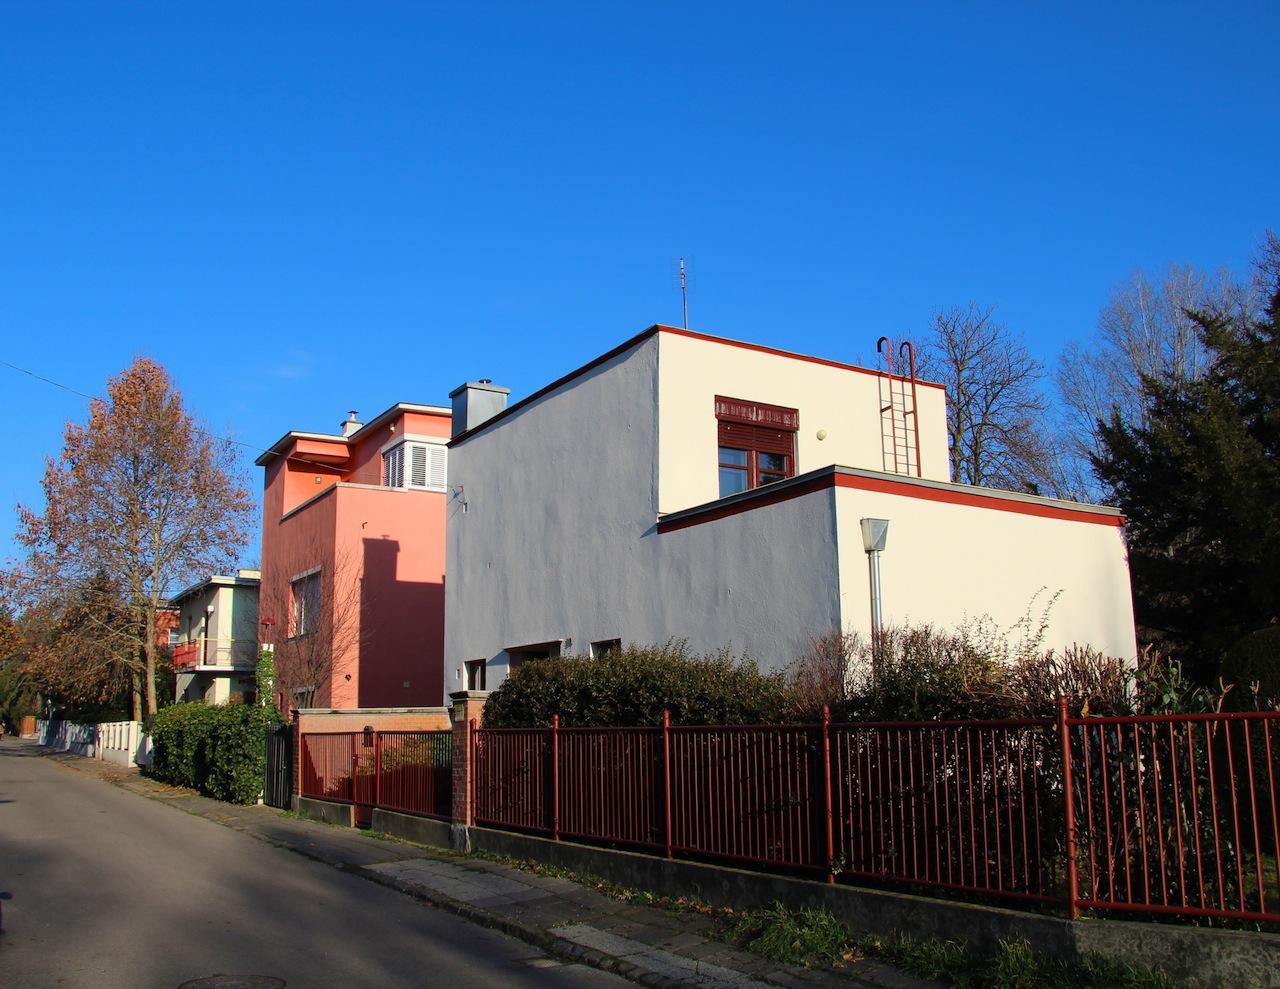 Bauhaus utcarészlet, Napraforgó utcai kísérleti lakótelep (1931)